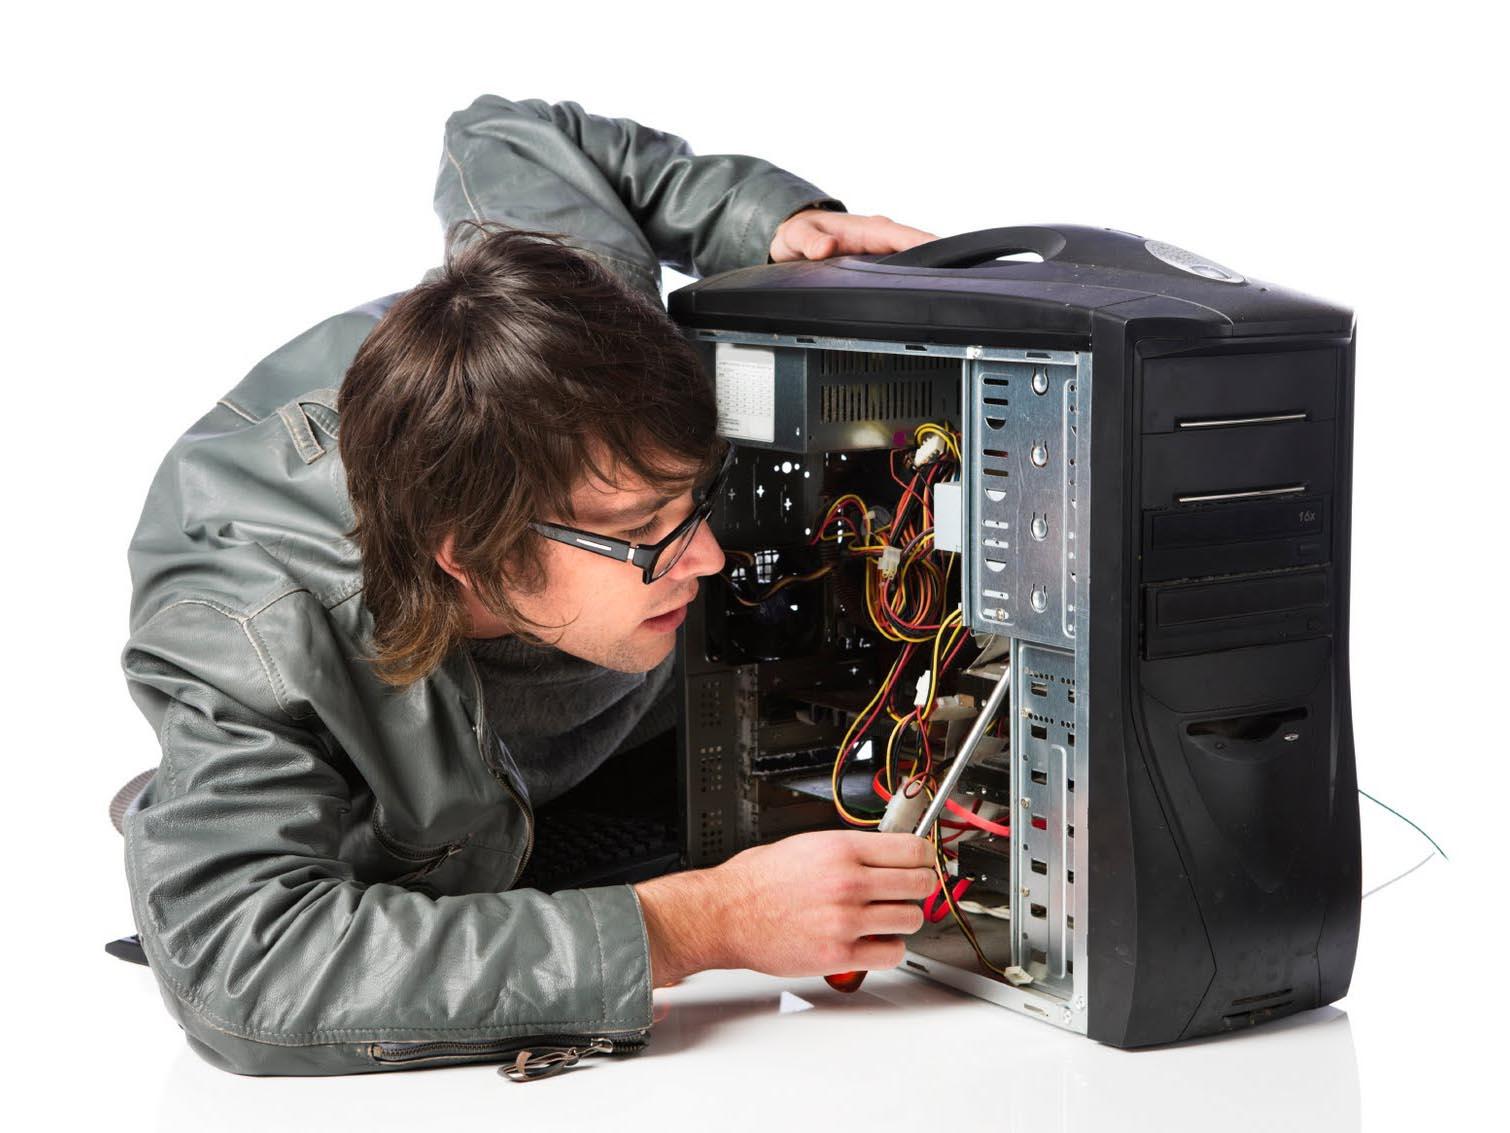 歲末年終敗家守則:新手採購電腦,從無到有手把手教學